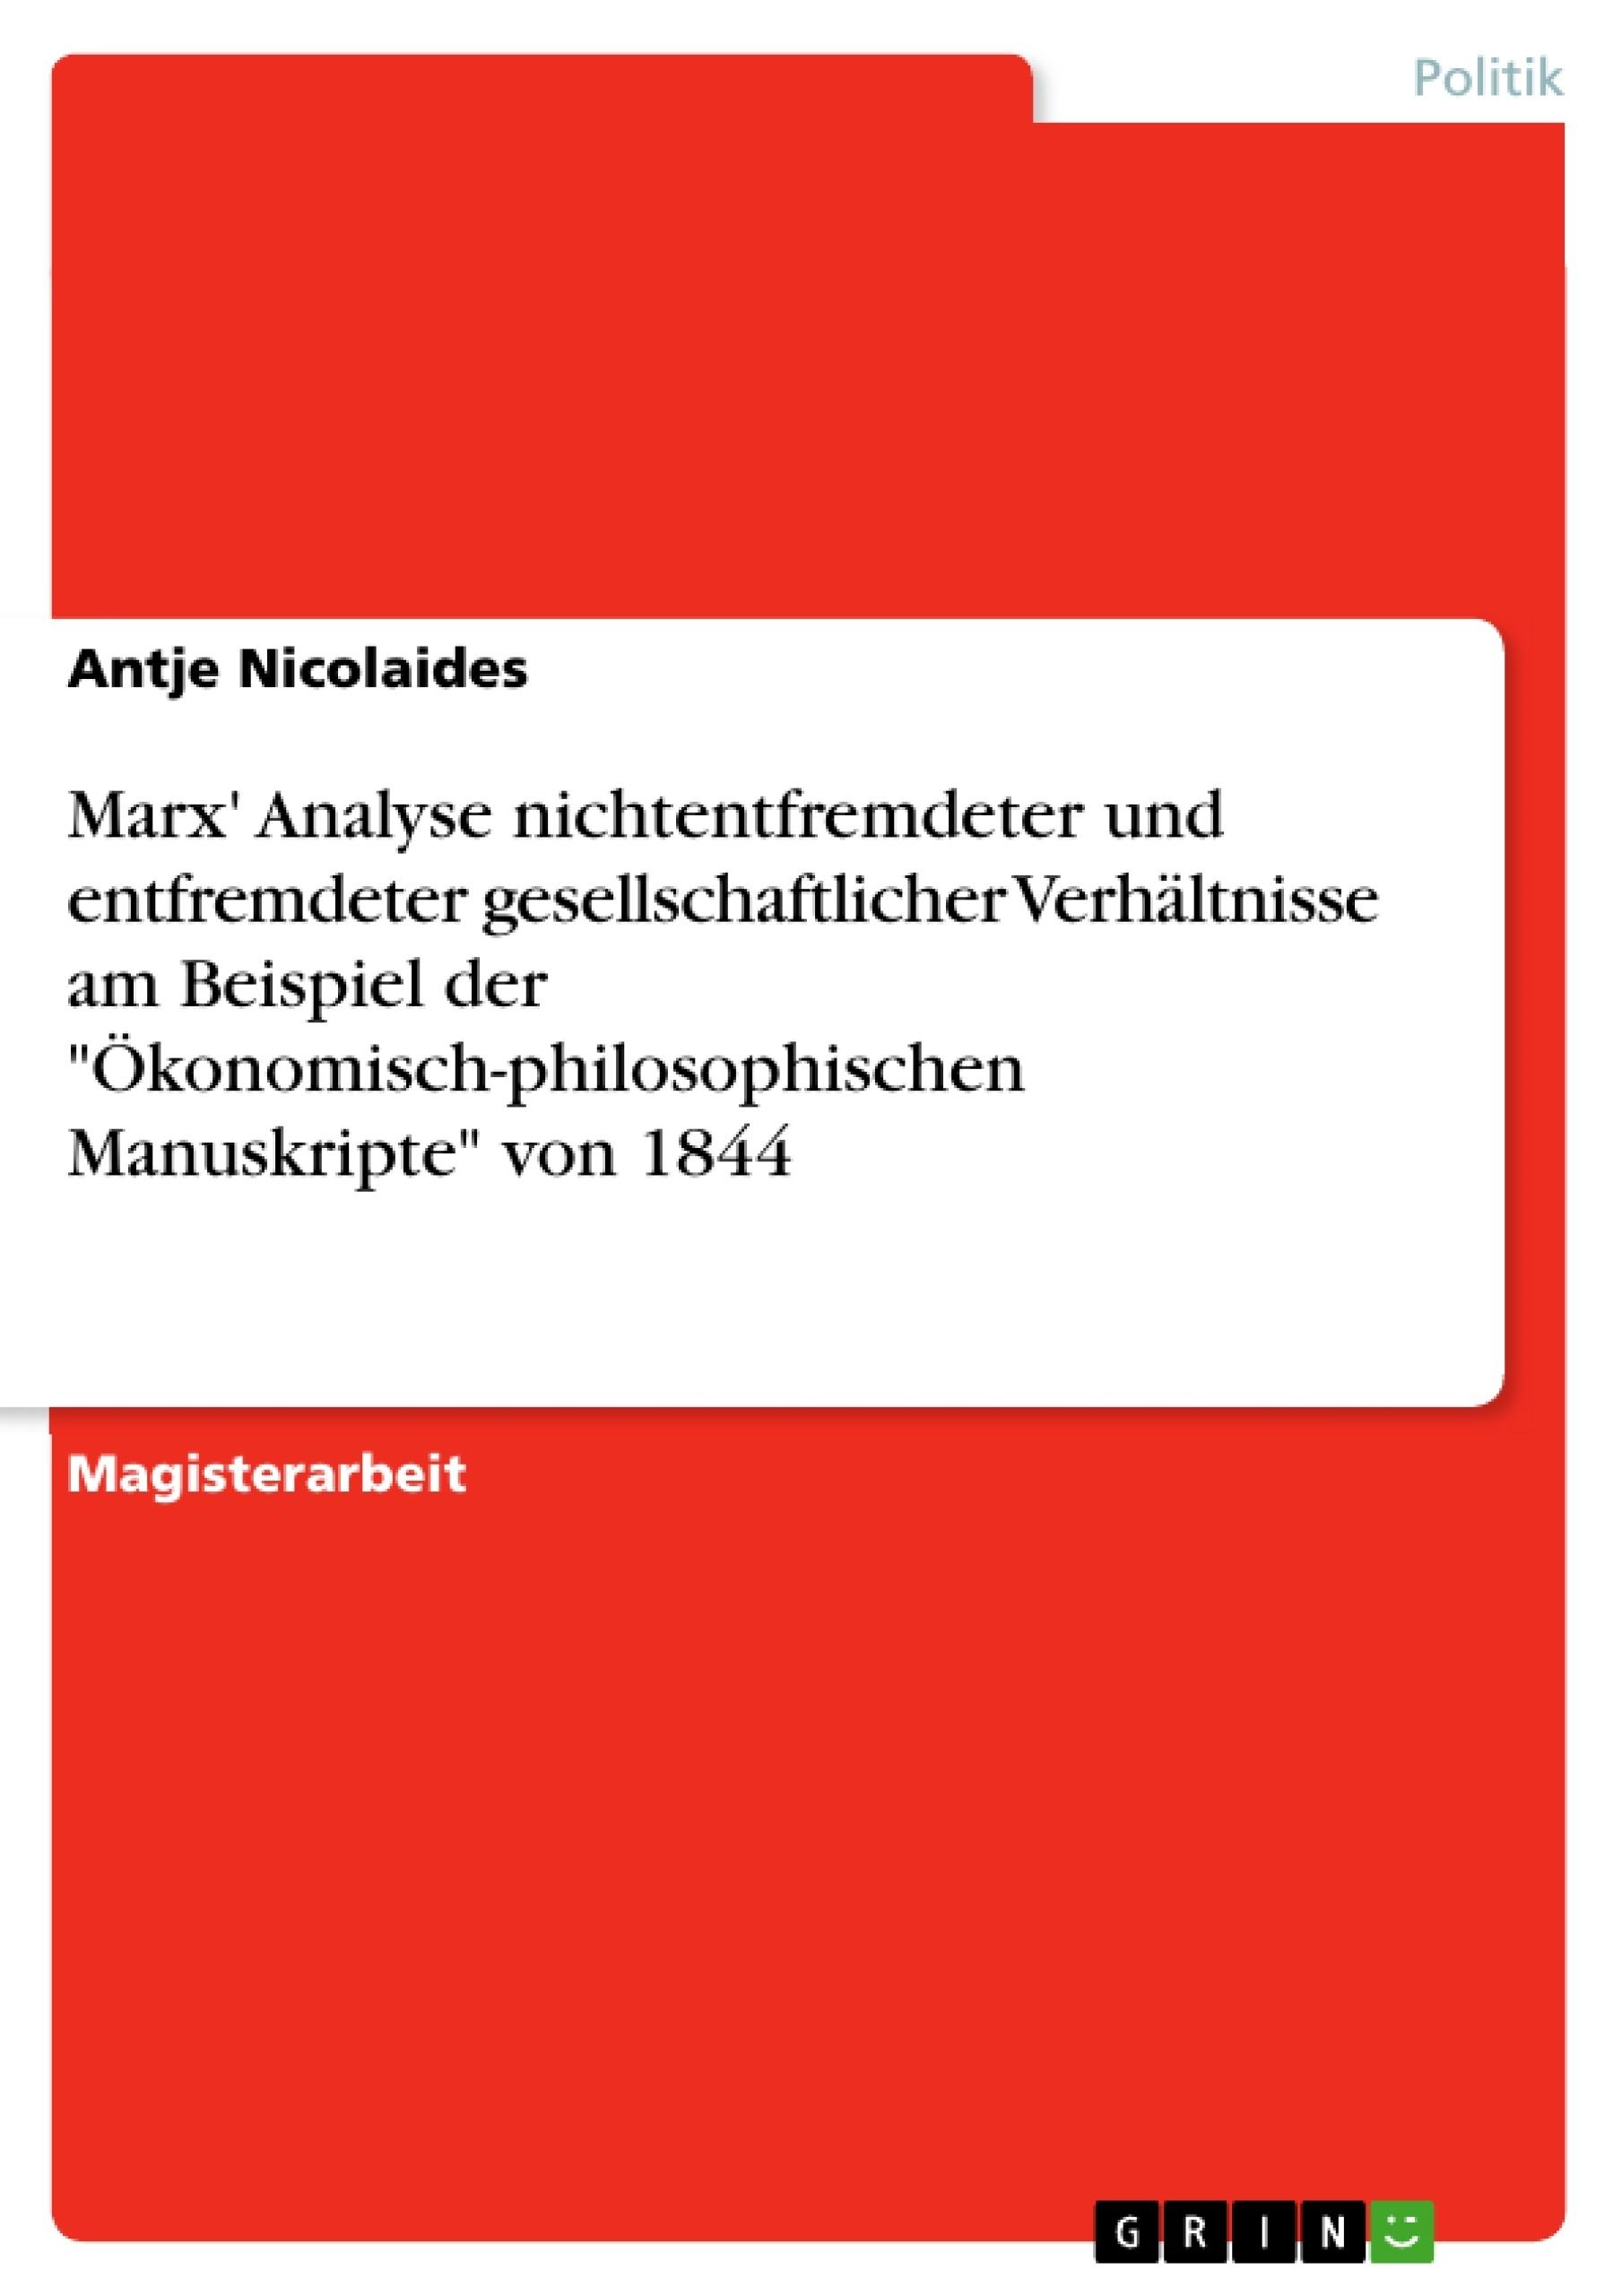 """Titel: Marx' Analyse nichtentfremdeter und entfremdeter gesellschaftlicher Verhältnisse am Beispiel der """"Ökonomisch-philosophischen Manuskripte"""" von 1844"""